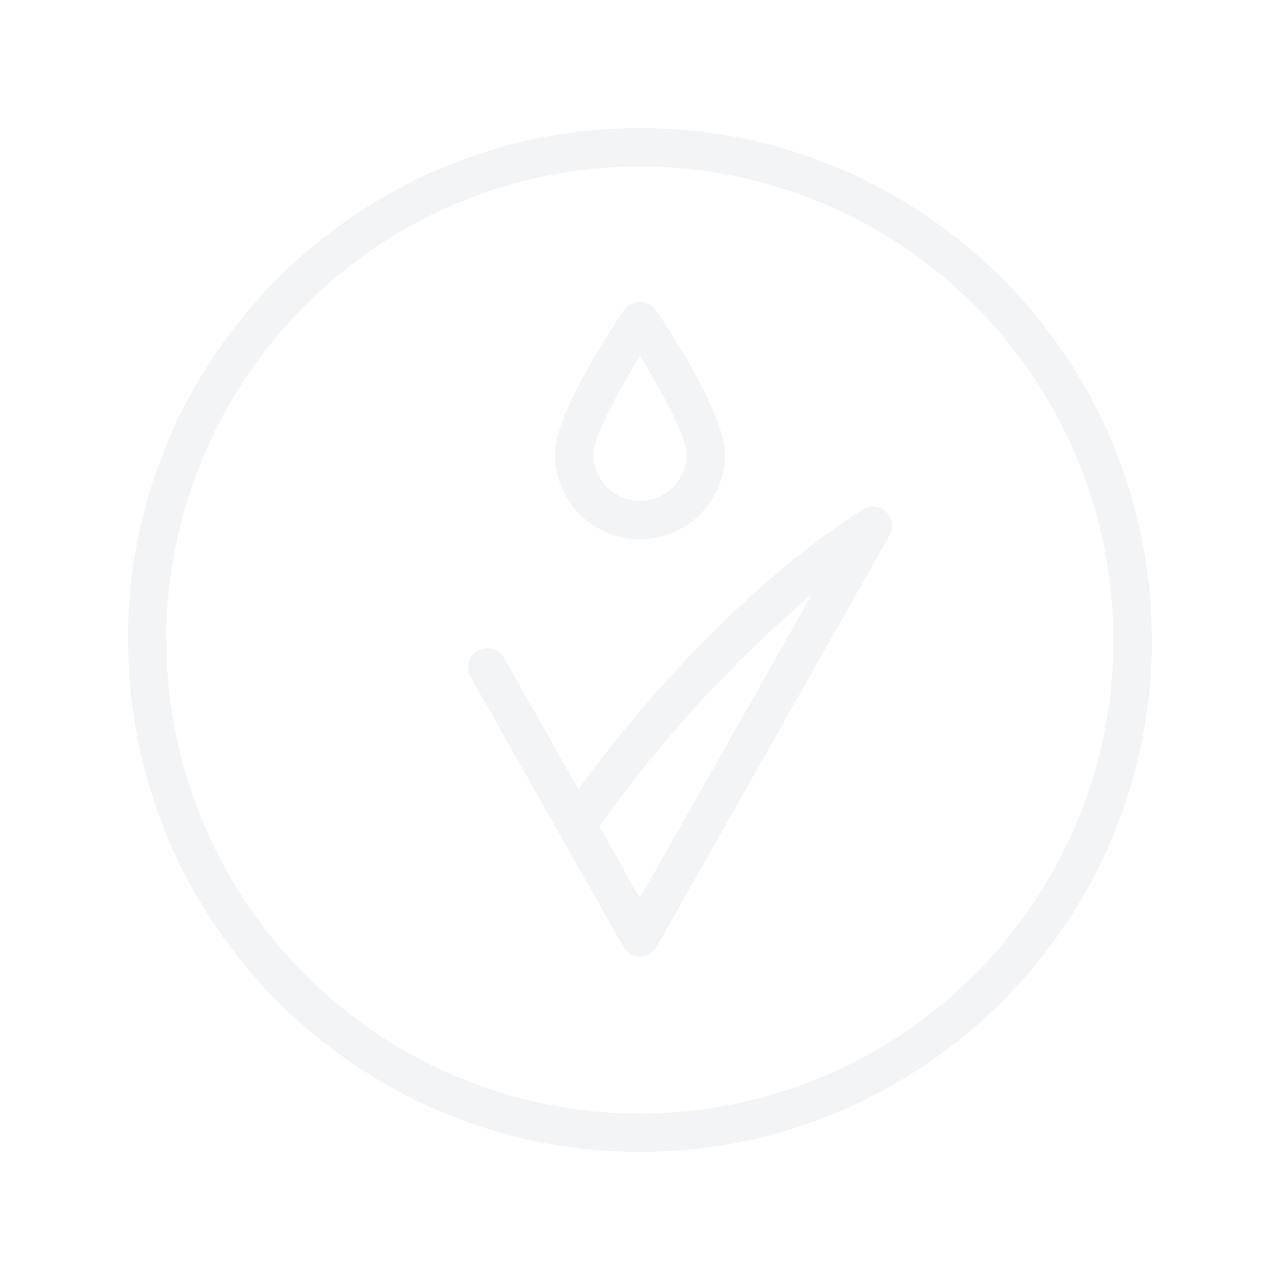 WELLA PROFESSIONALS Invigo Color Brilliance Mask (Fine/Normal) 500ml